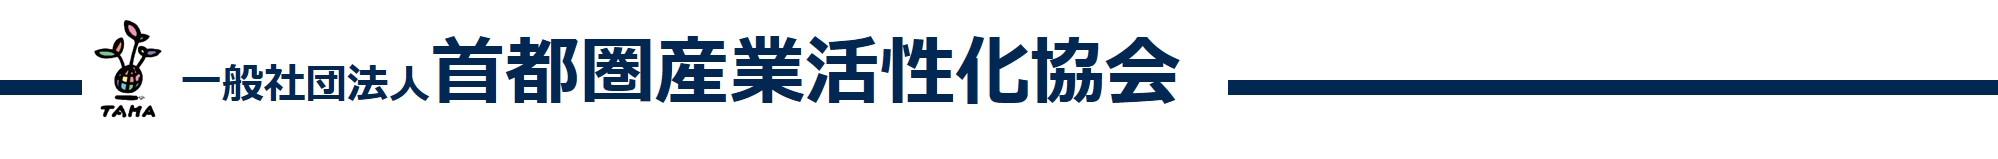 首都圏産業活性化協会